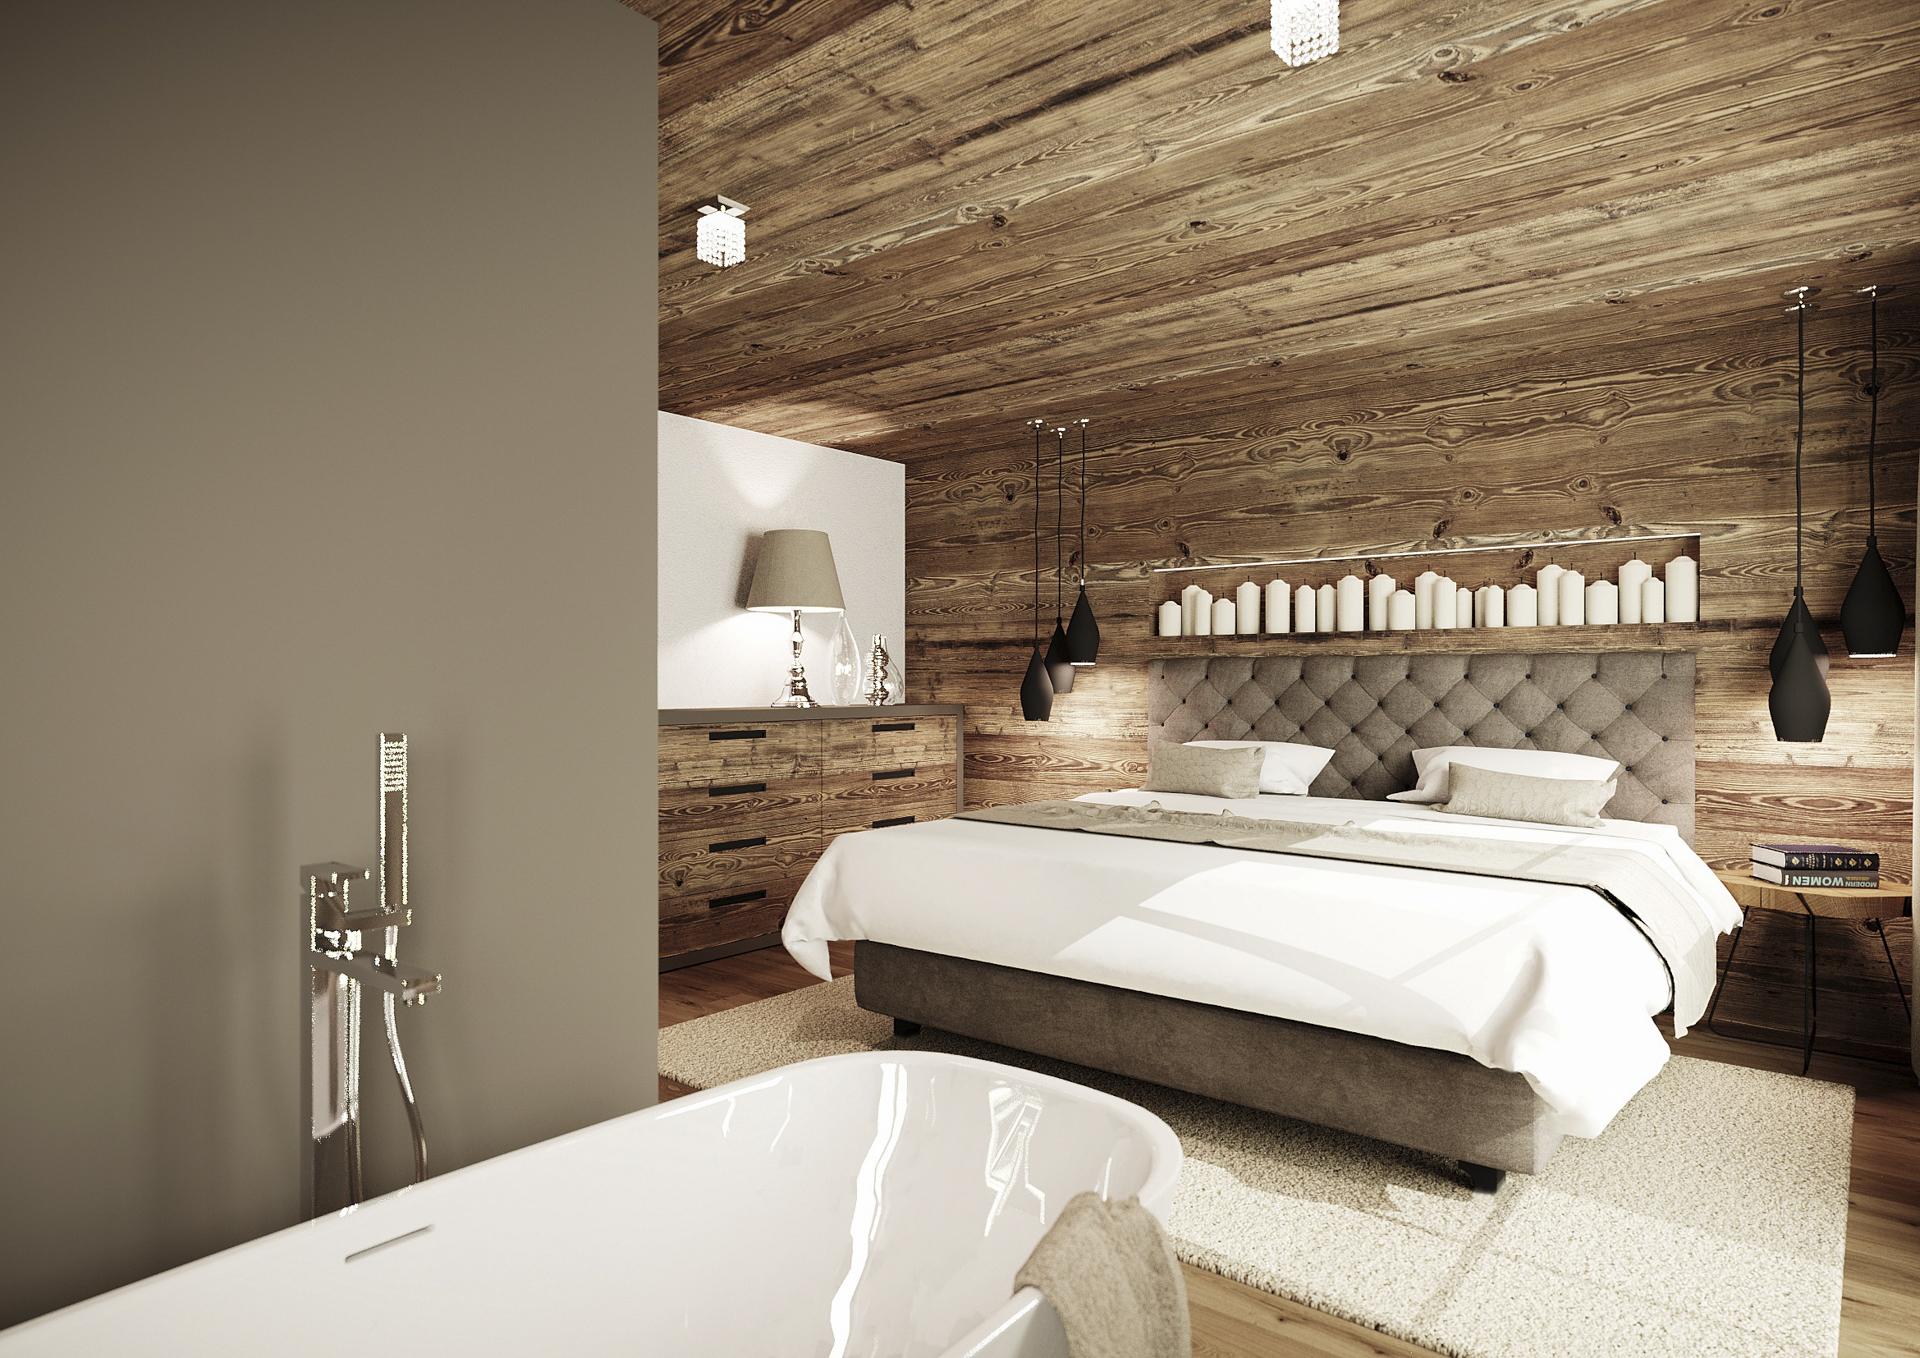 tischlerei-decker-visualisierungen-Schlafzimmer-mit-freistehender-Badewanne